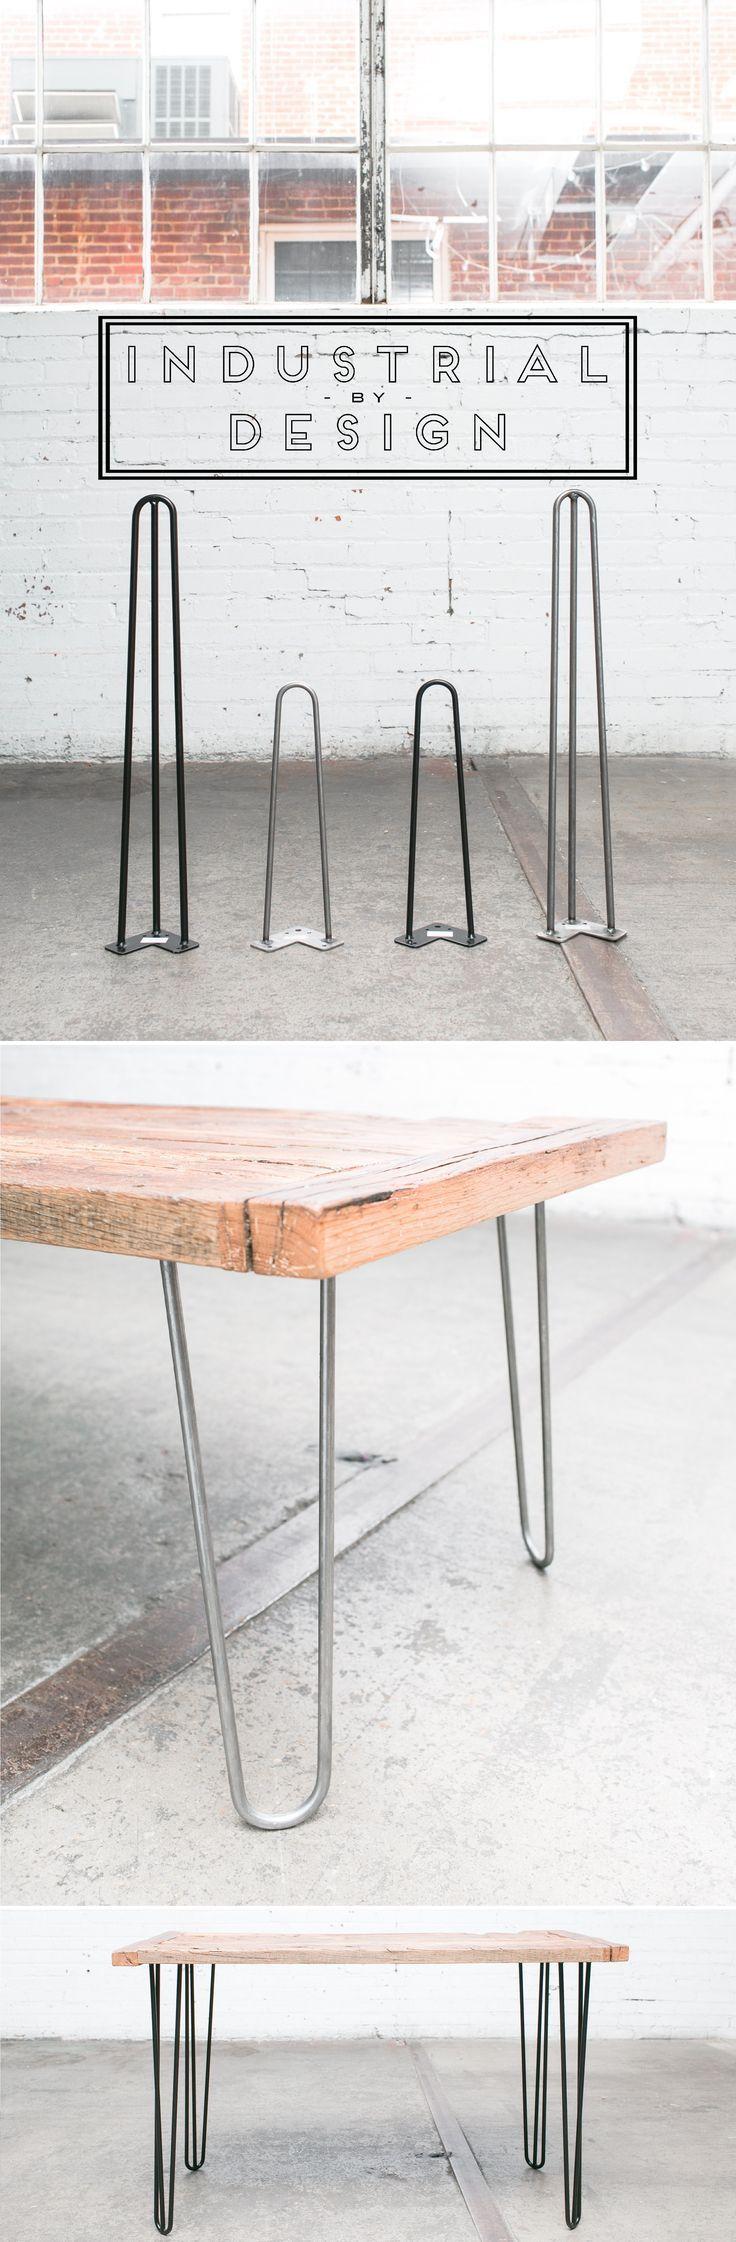 Esszimmermöbel mit lagerung haarnadel beine für diy  mitte jahrhundert modern  industrie